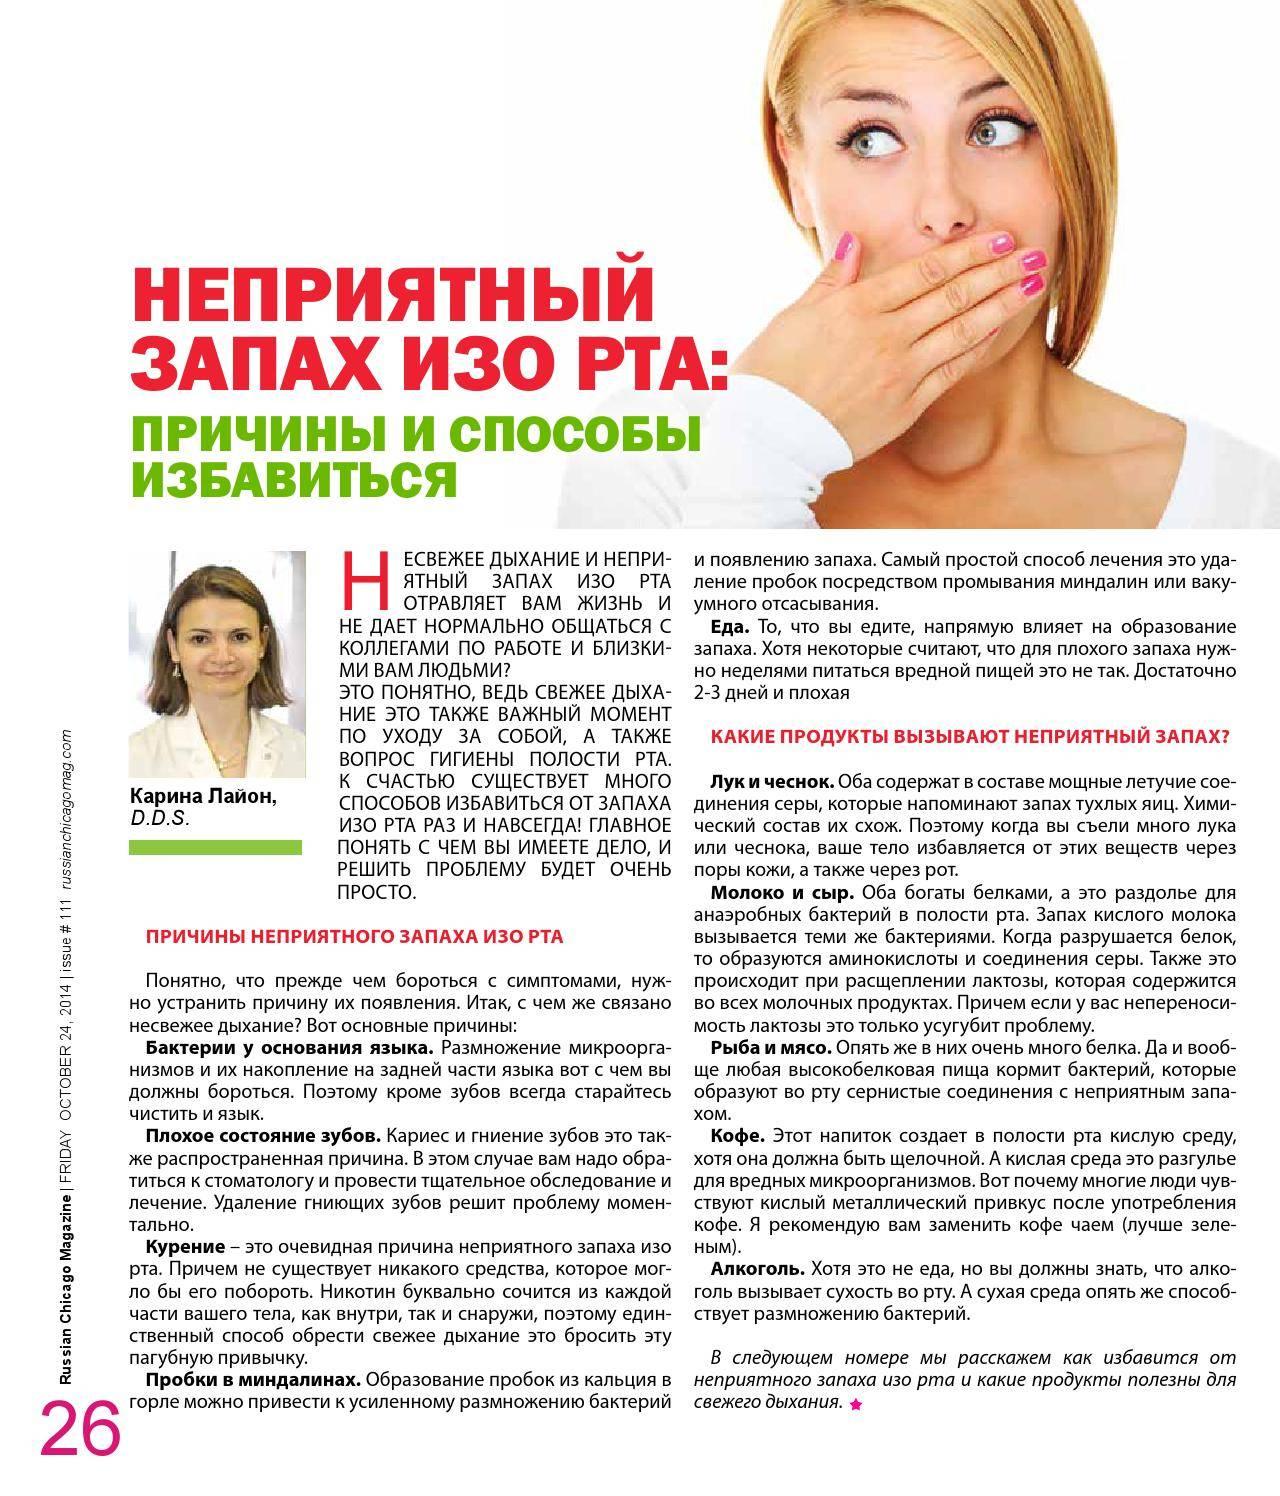 Запах изо рта от желудка: лечение народными средствами и лекарствами в домашних условиях